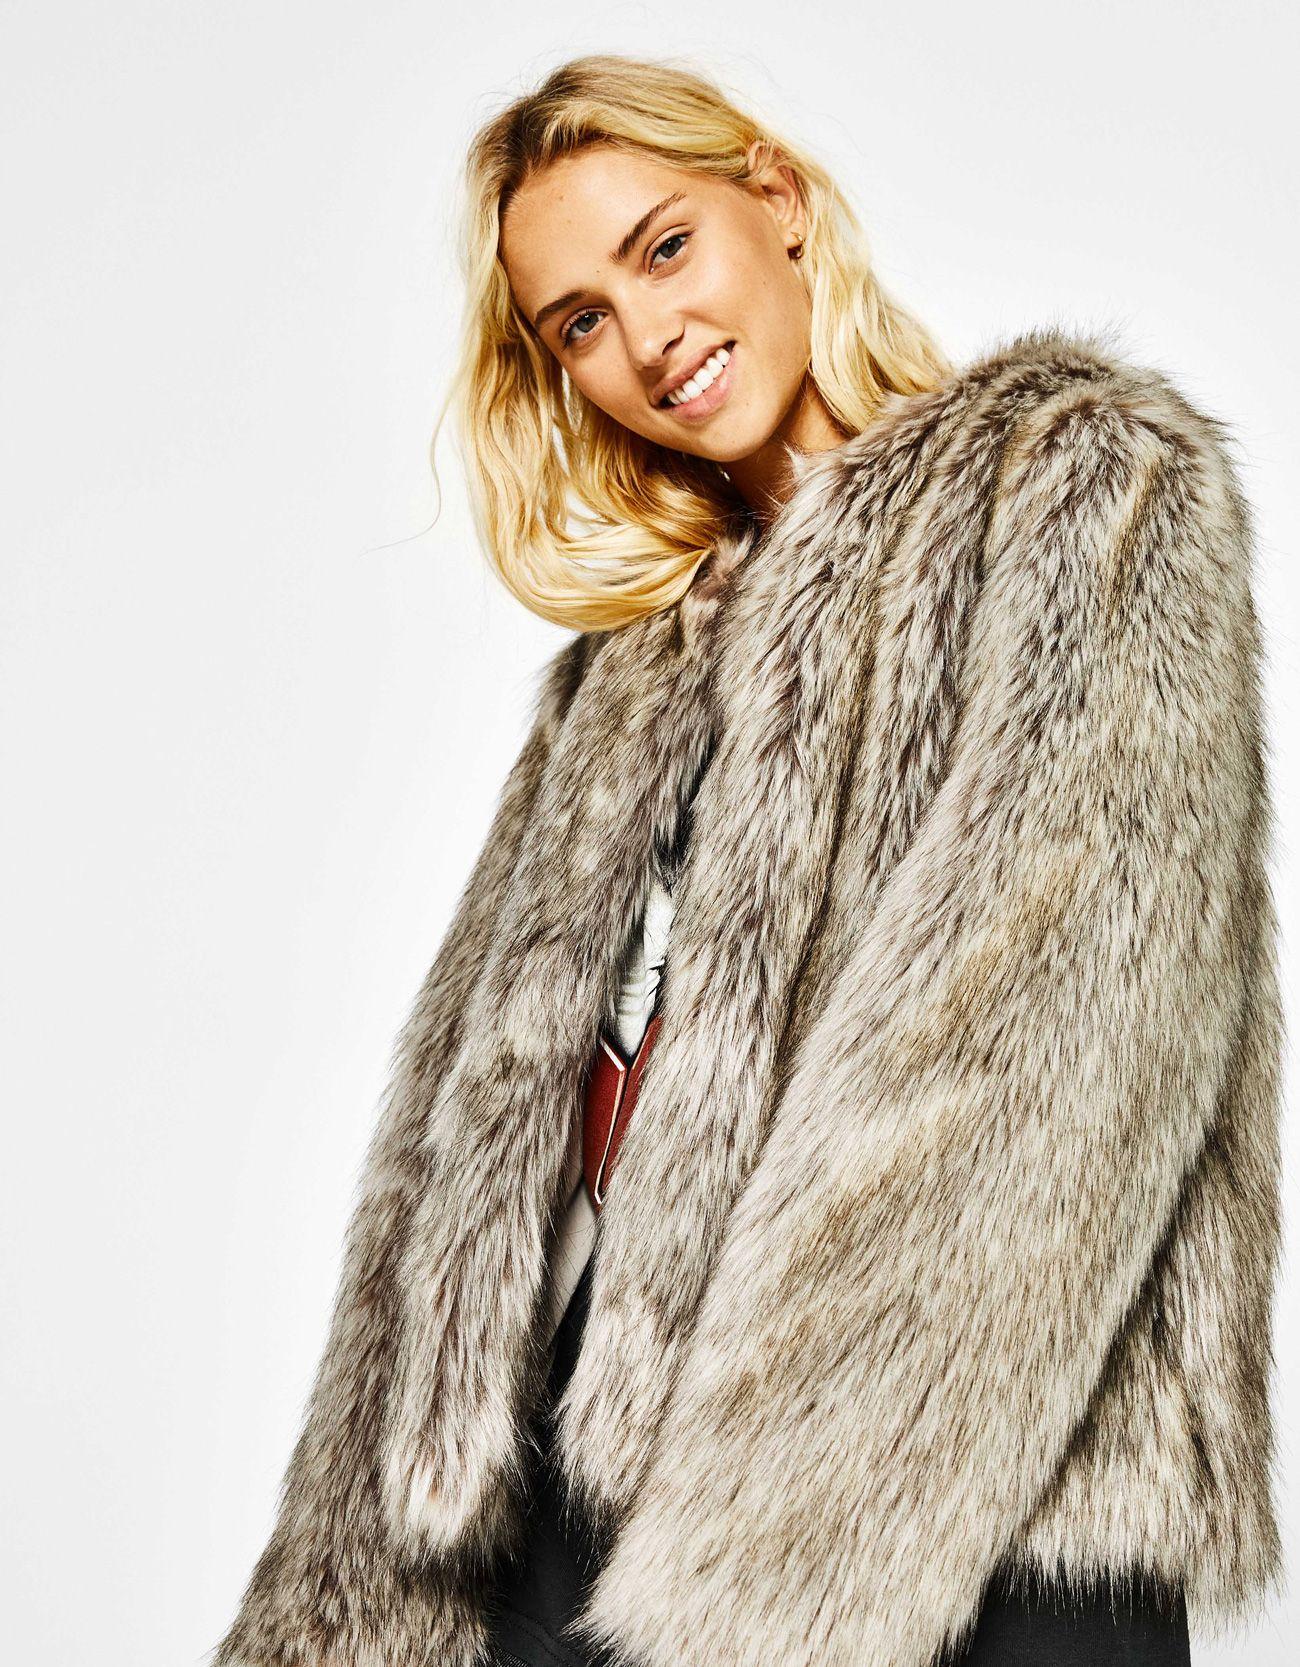 Short faux fur coat | Pink faux fur coat, Short faux fur ...